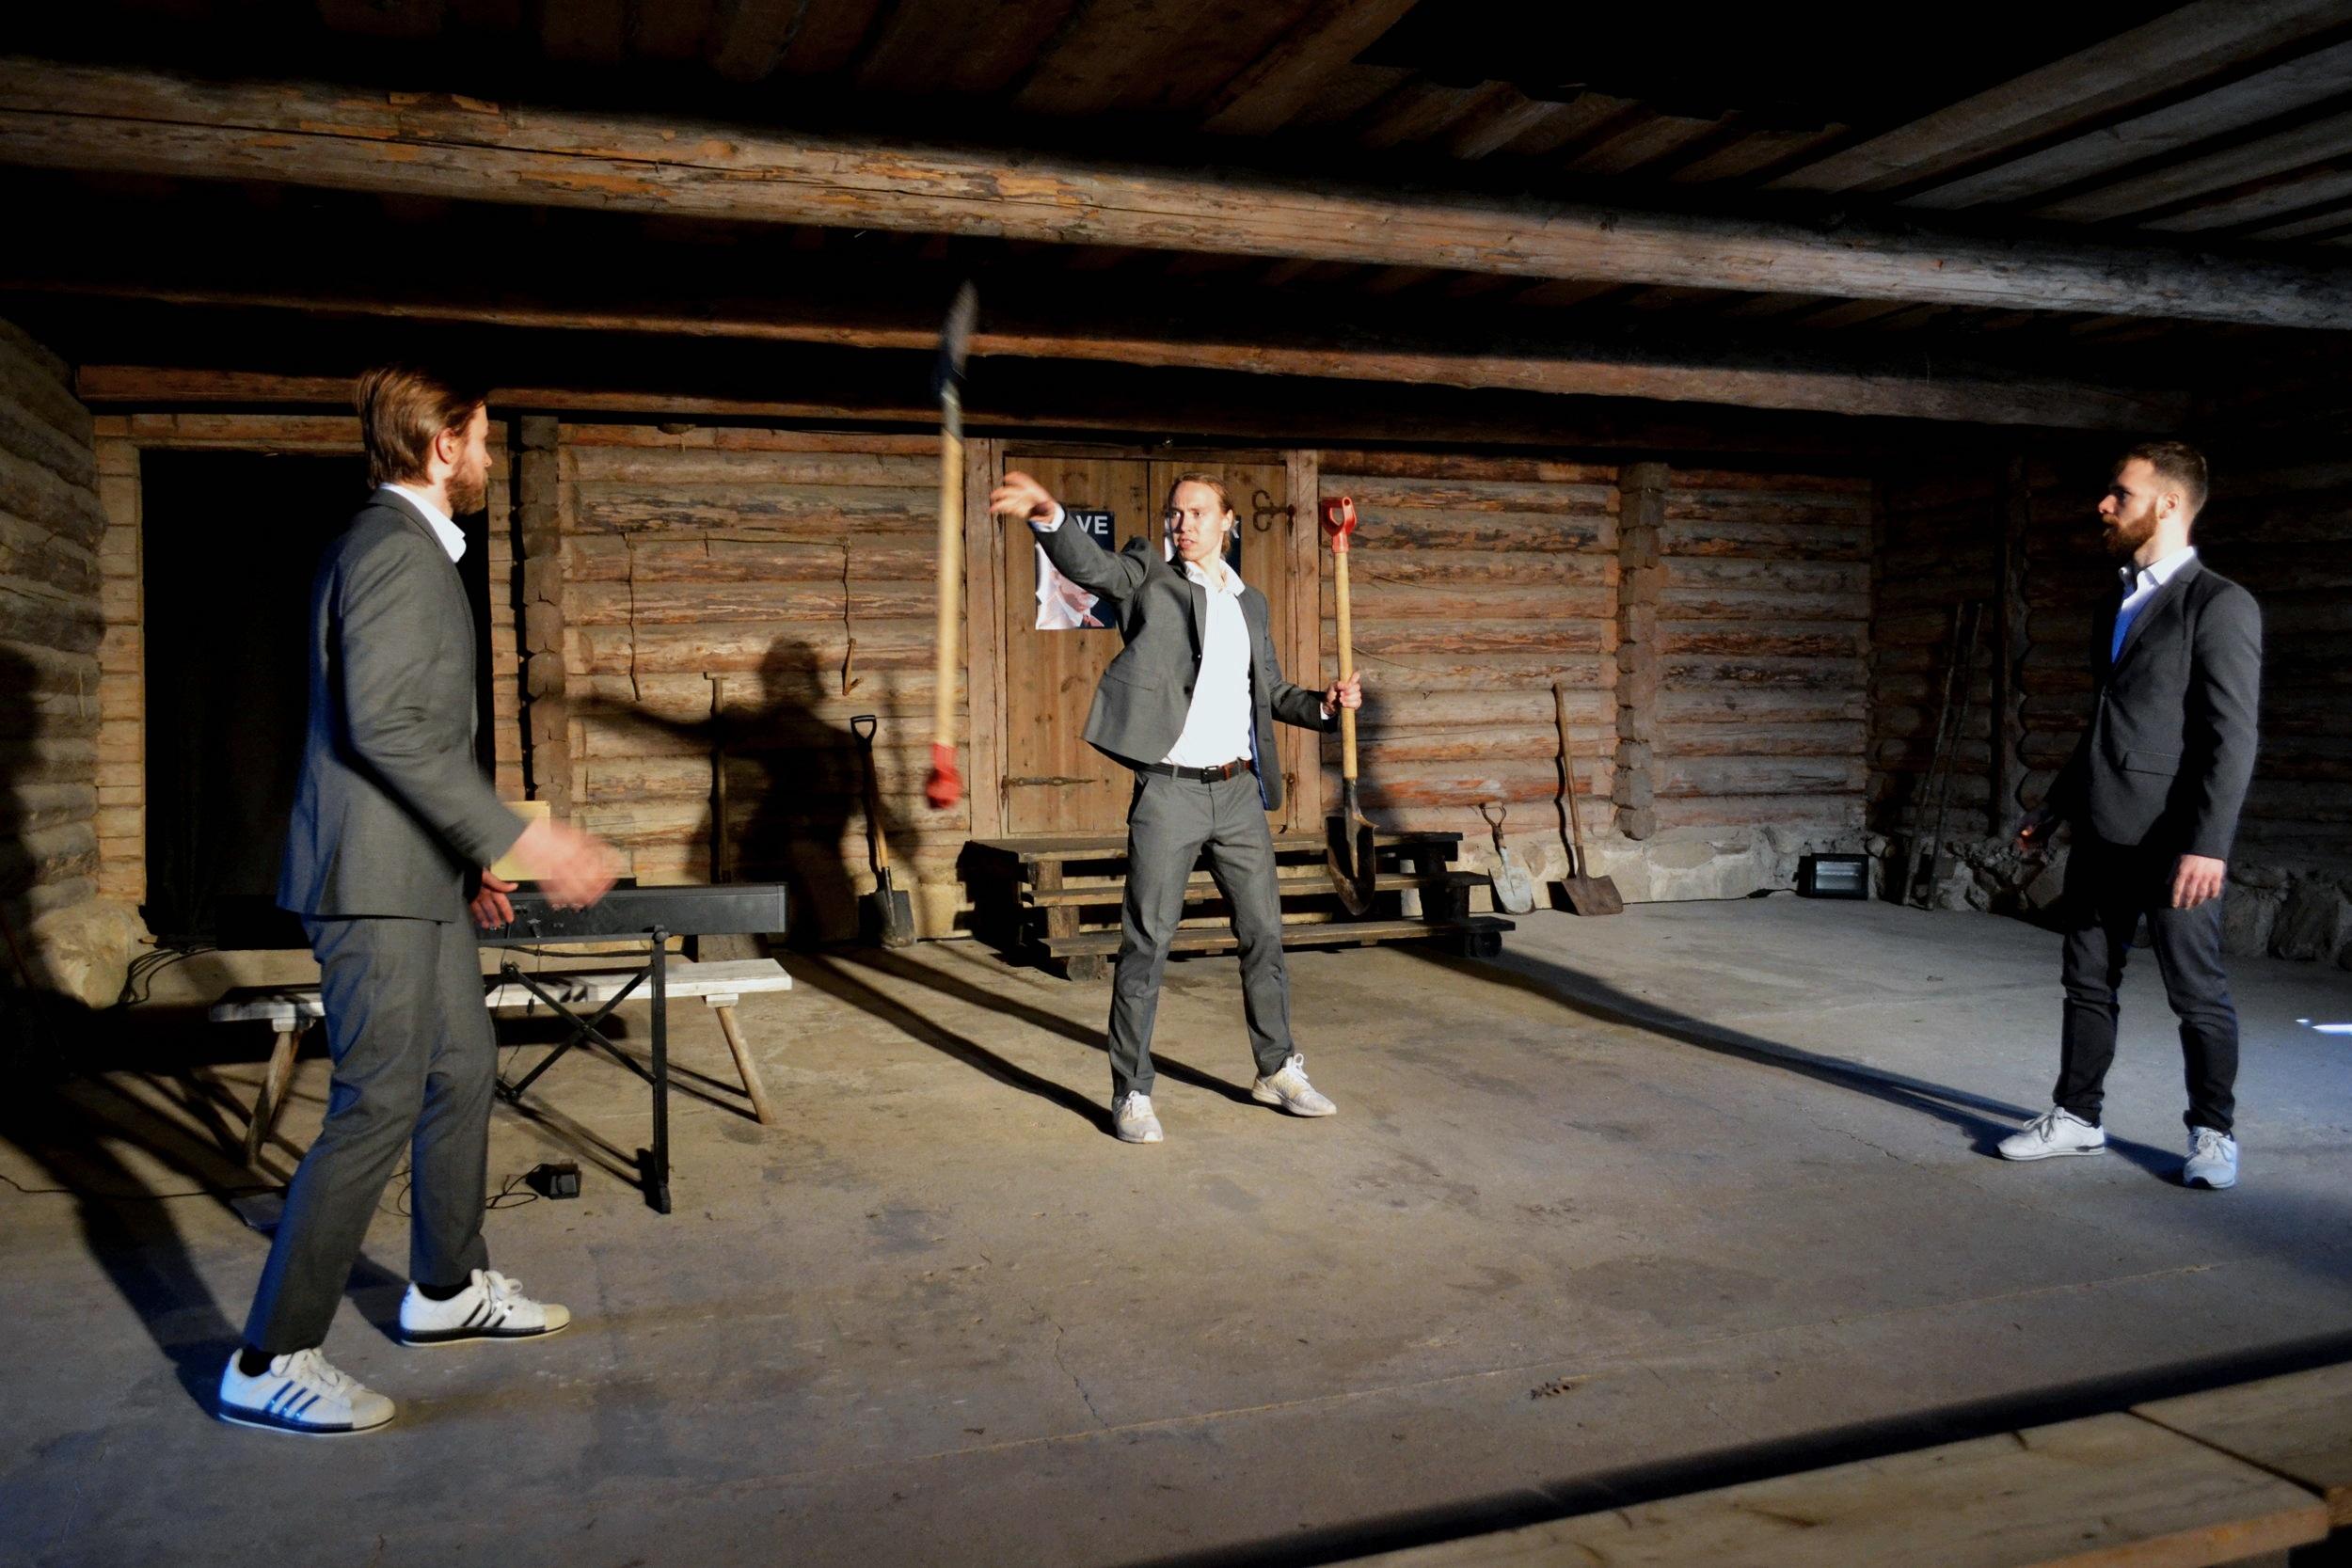 Pildi+autor+Paide+Teater+_+Vasakult+Johannes+Richard+Sepping+_+Ursel+Tilk+_+Joosep+Uus.jpg